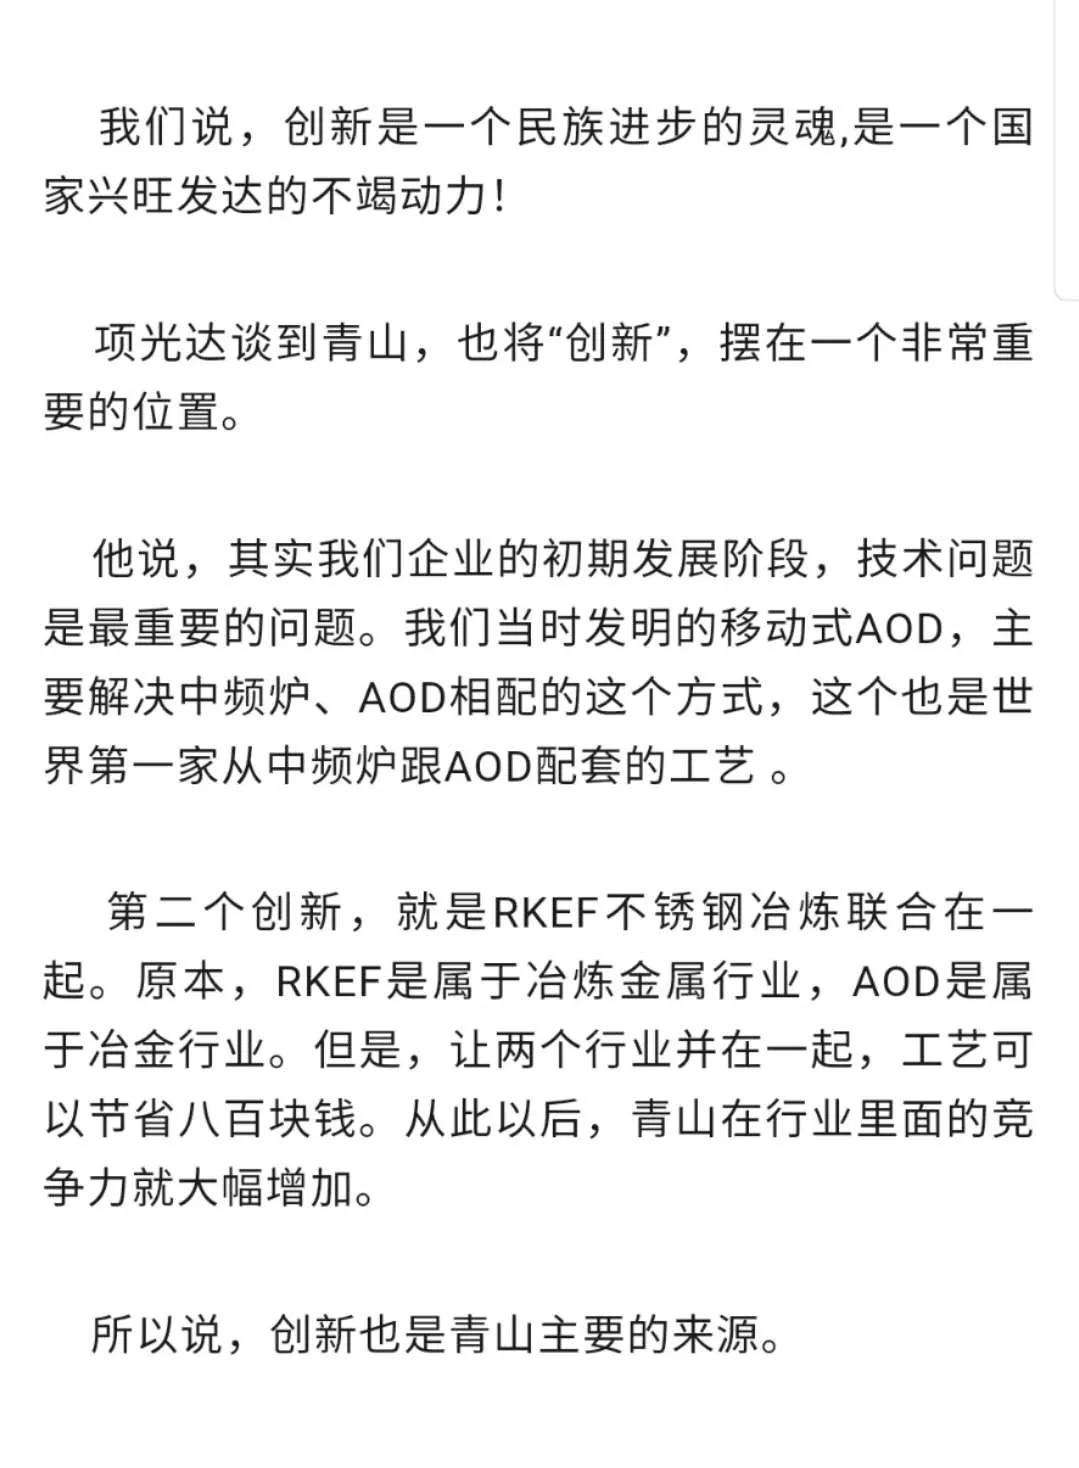 赵小余会长陪同淄博周村区委书记沙向东一行参观考察青山控股集团